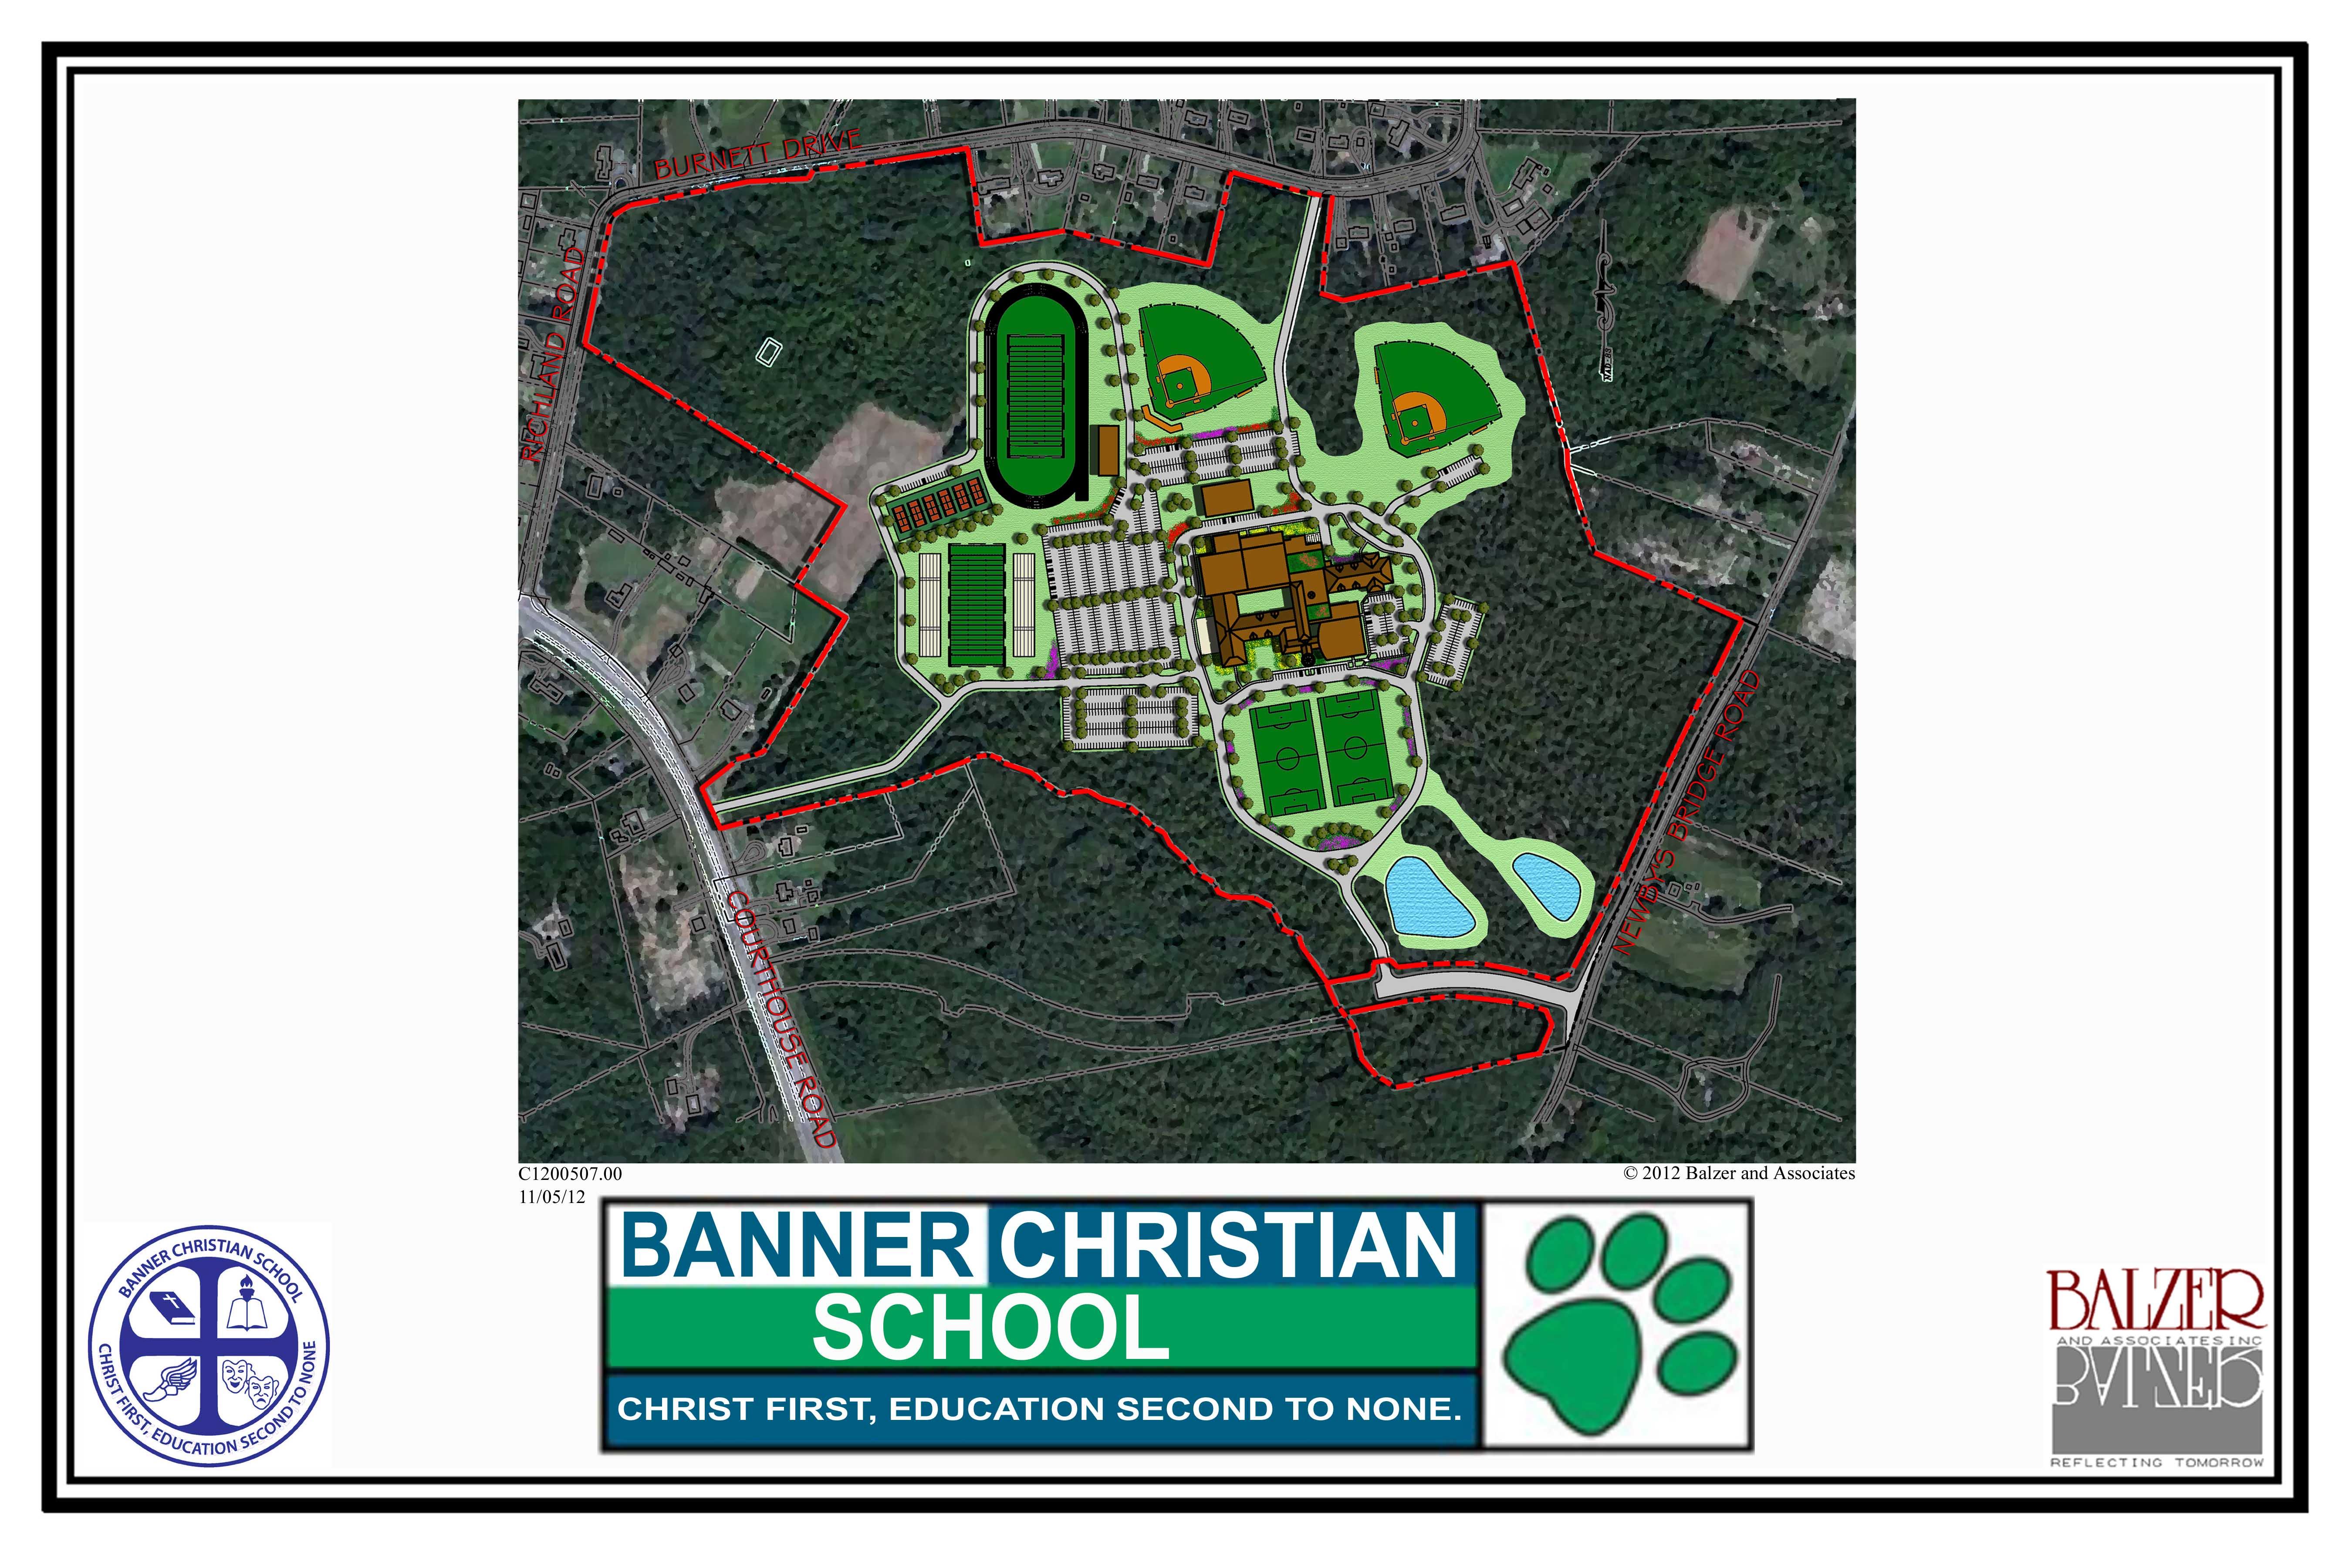 2012-11-05-final-site-plan